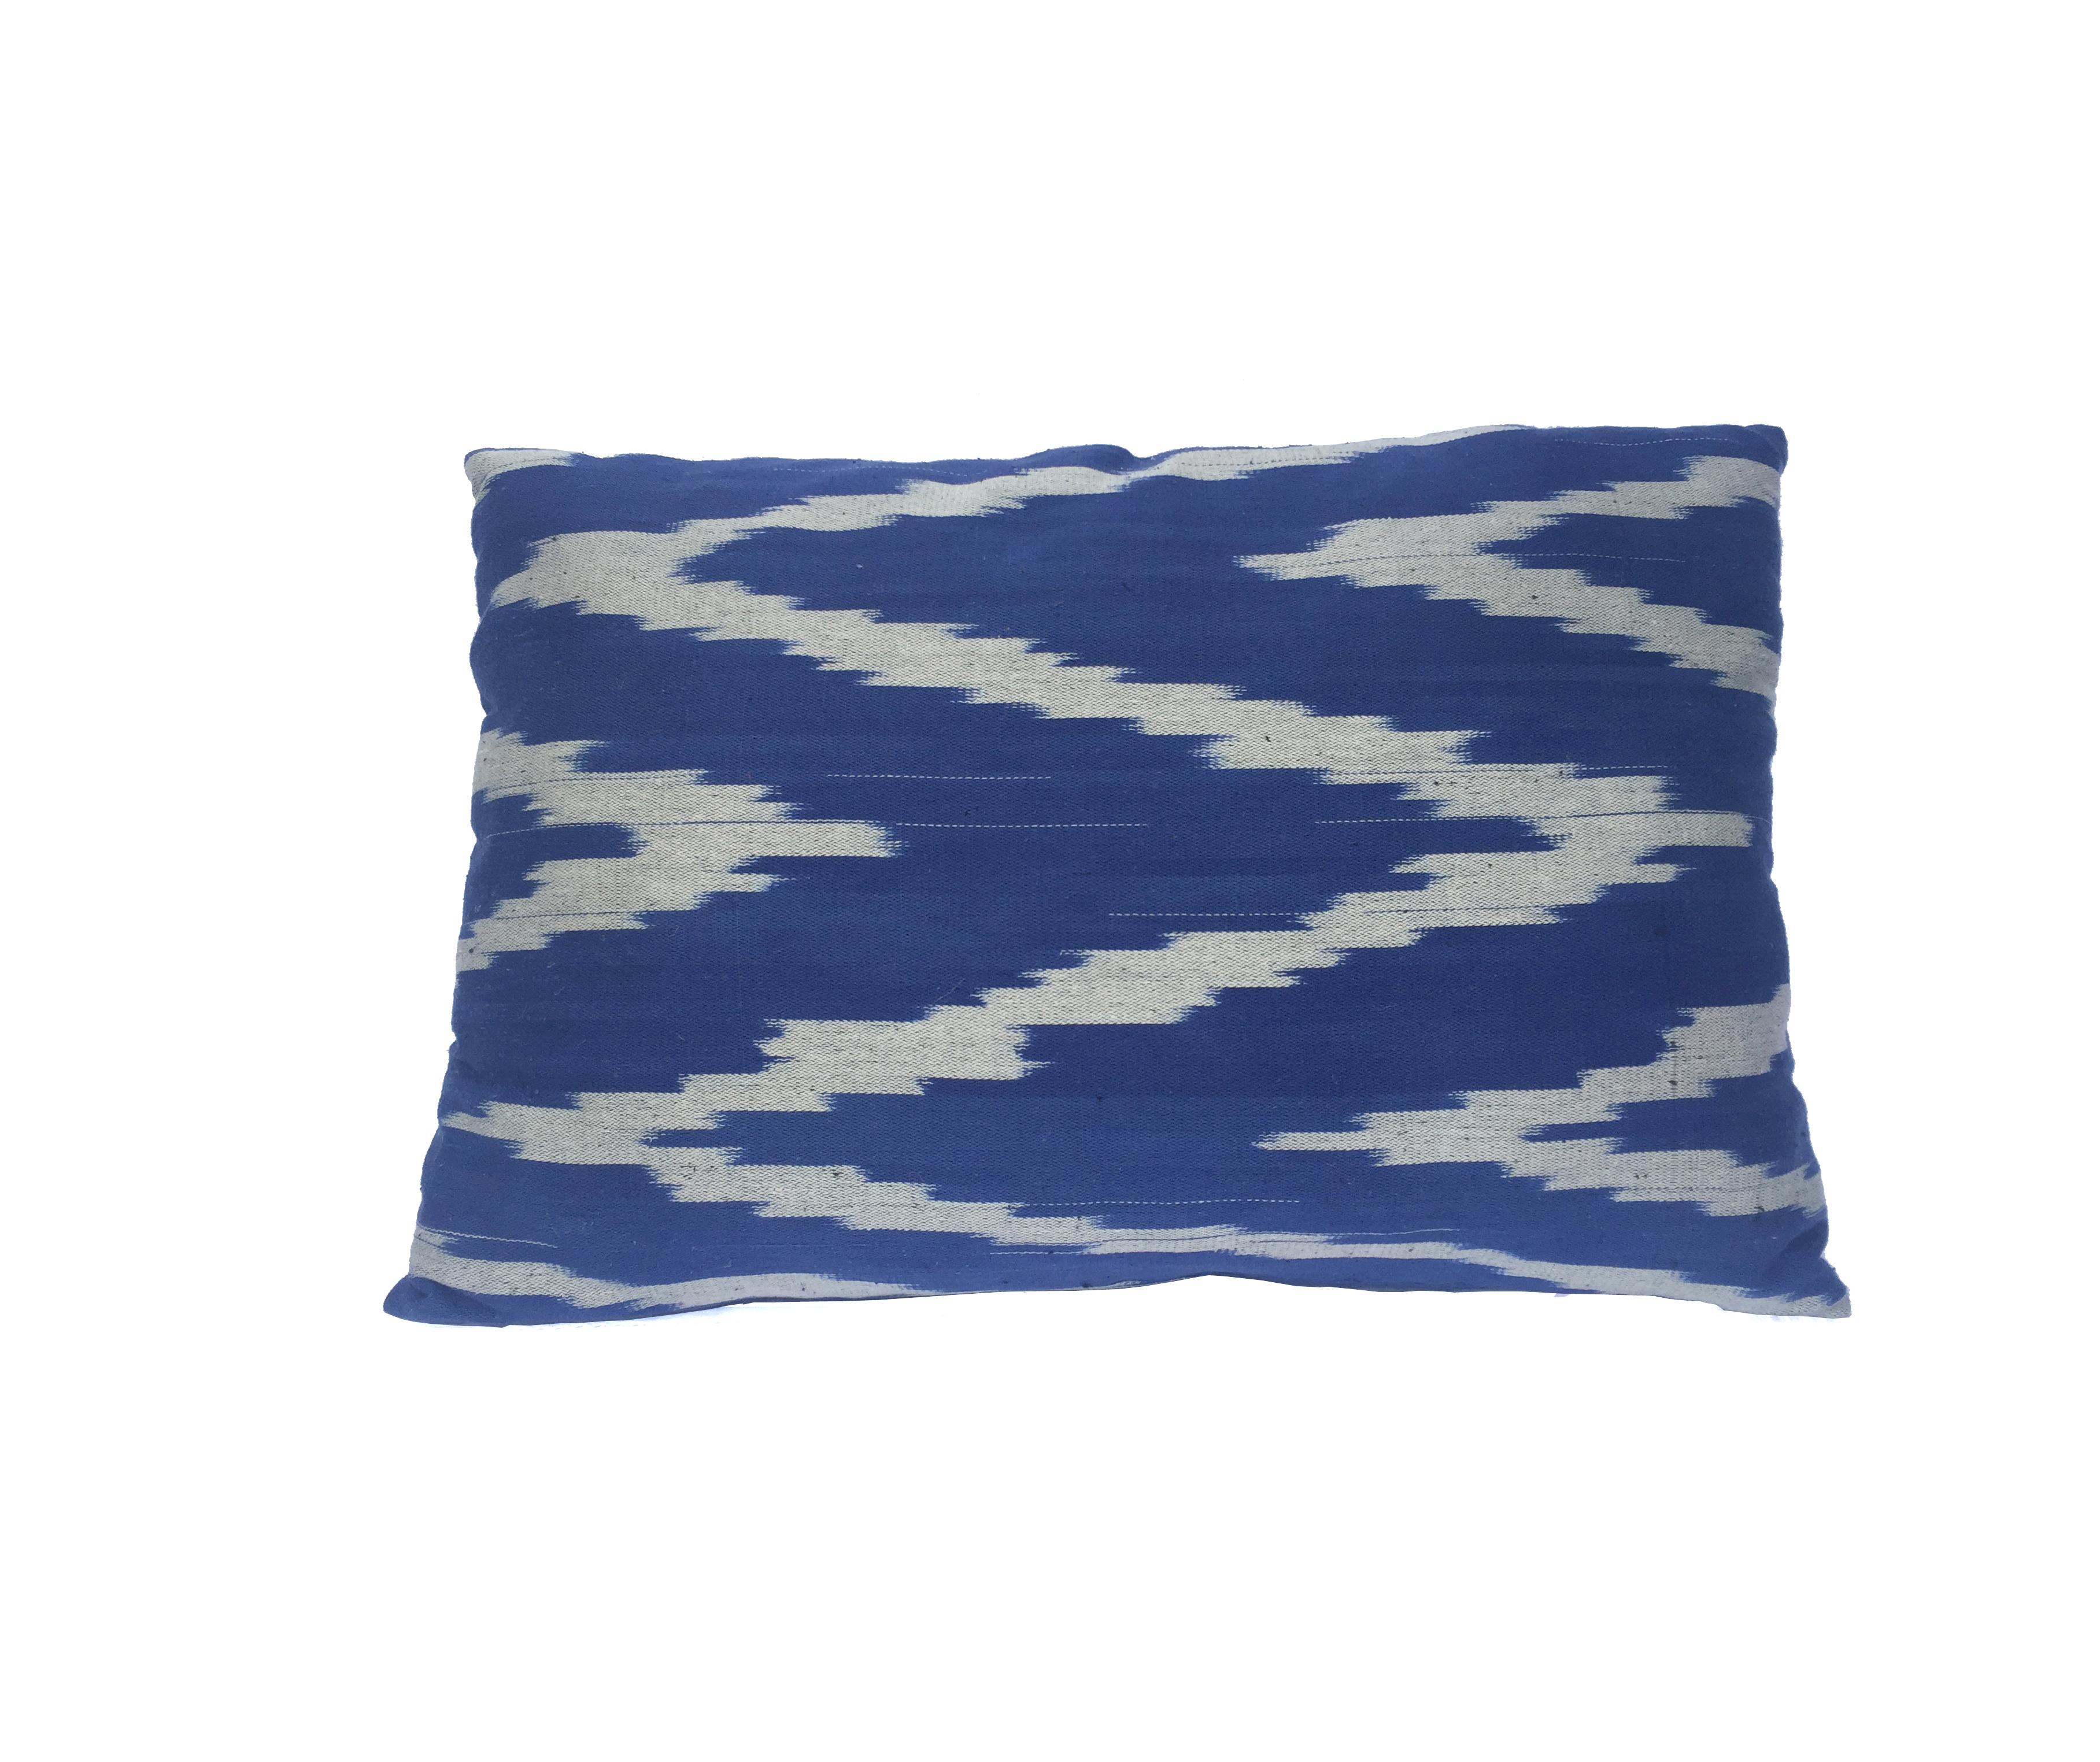 Almohadón Ikat de algodón azul y blanco